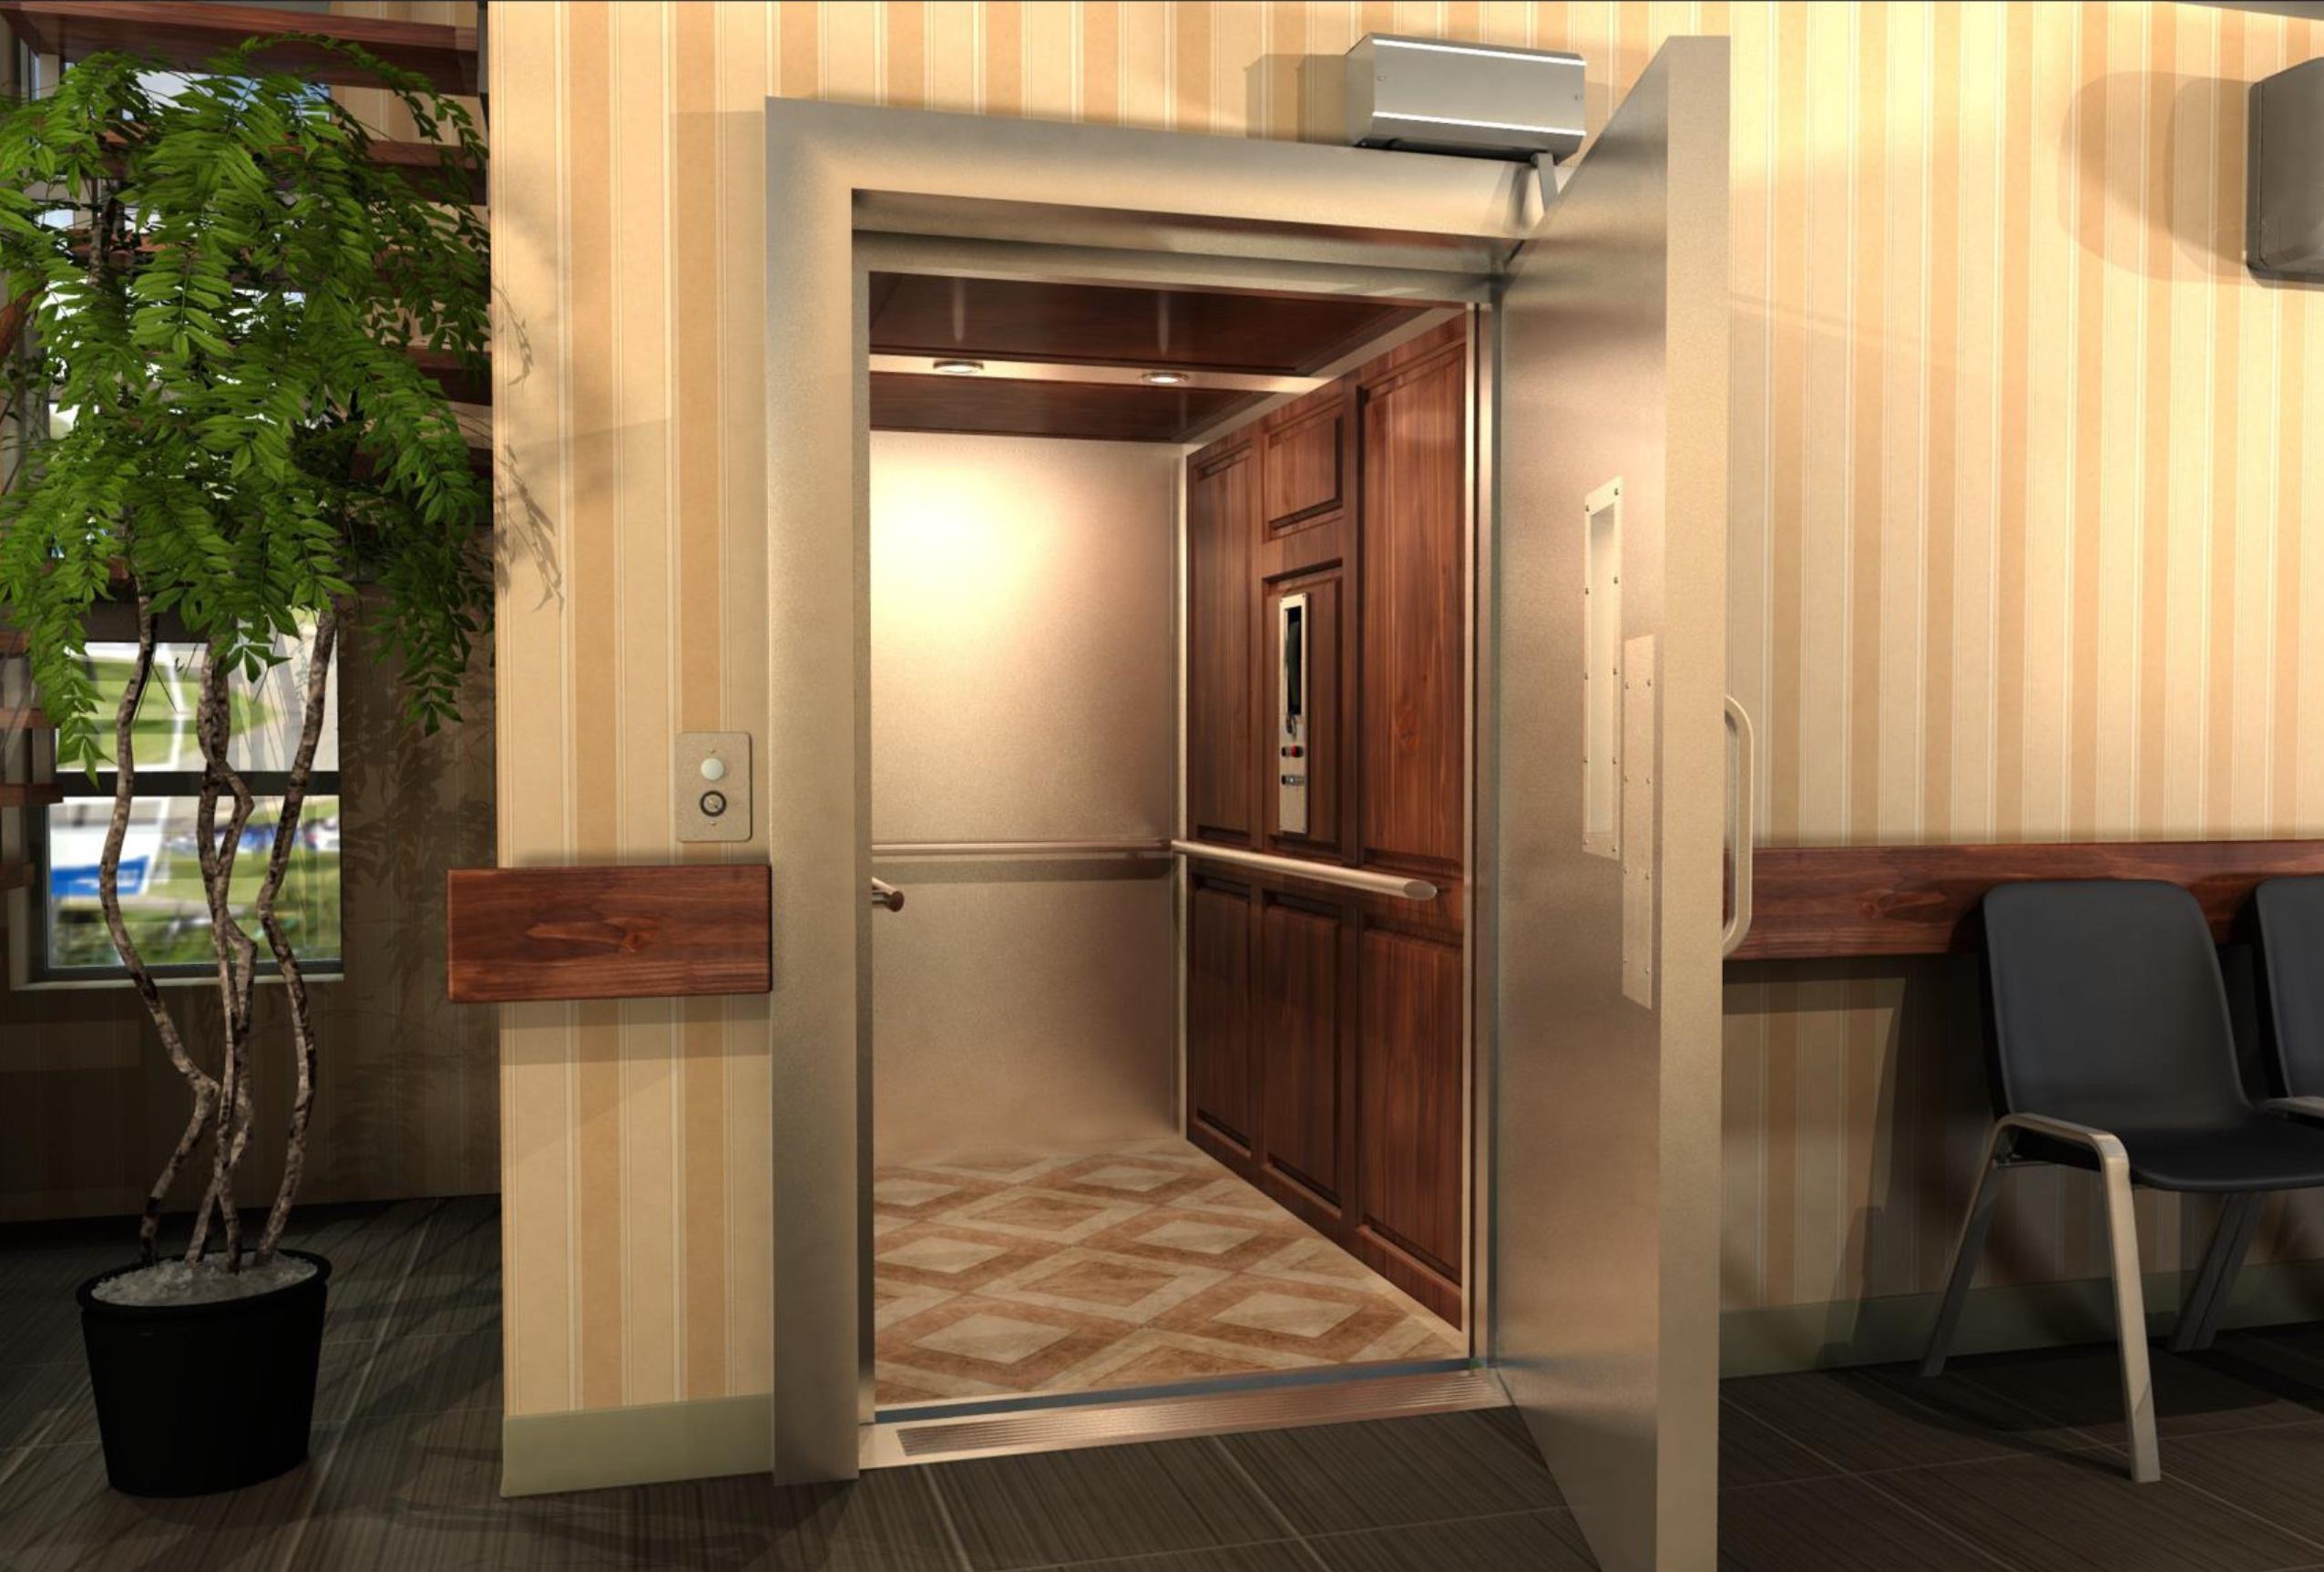 ascenseurs archives elevaction sieges d escalier ascenseurs et rampes d acces